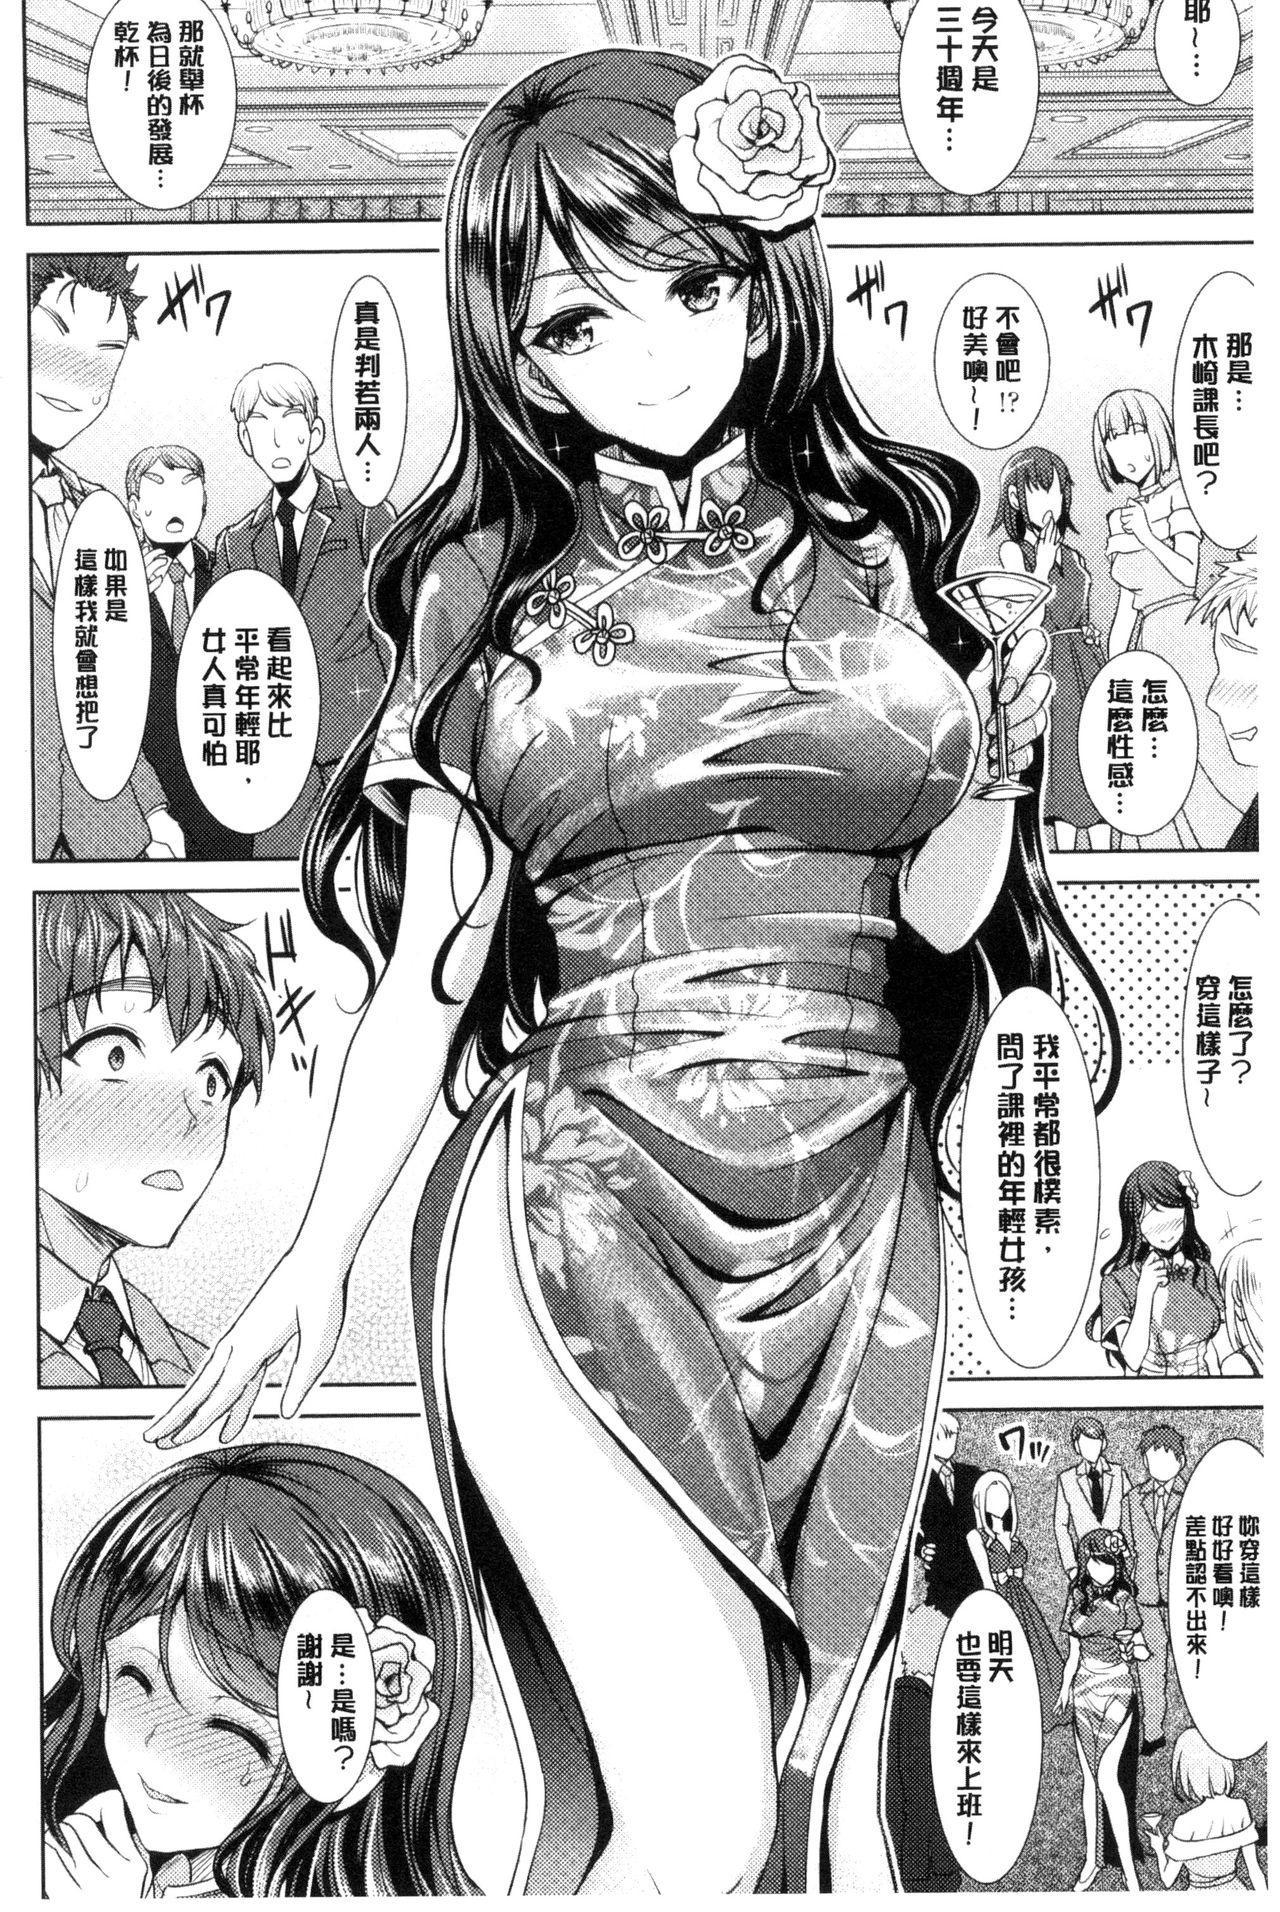 Chinax | 中式旗袍的淫娃 71